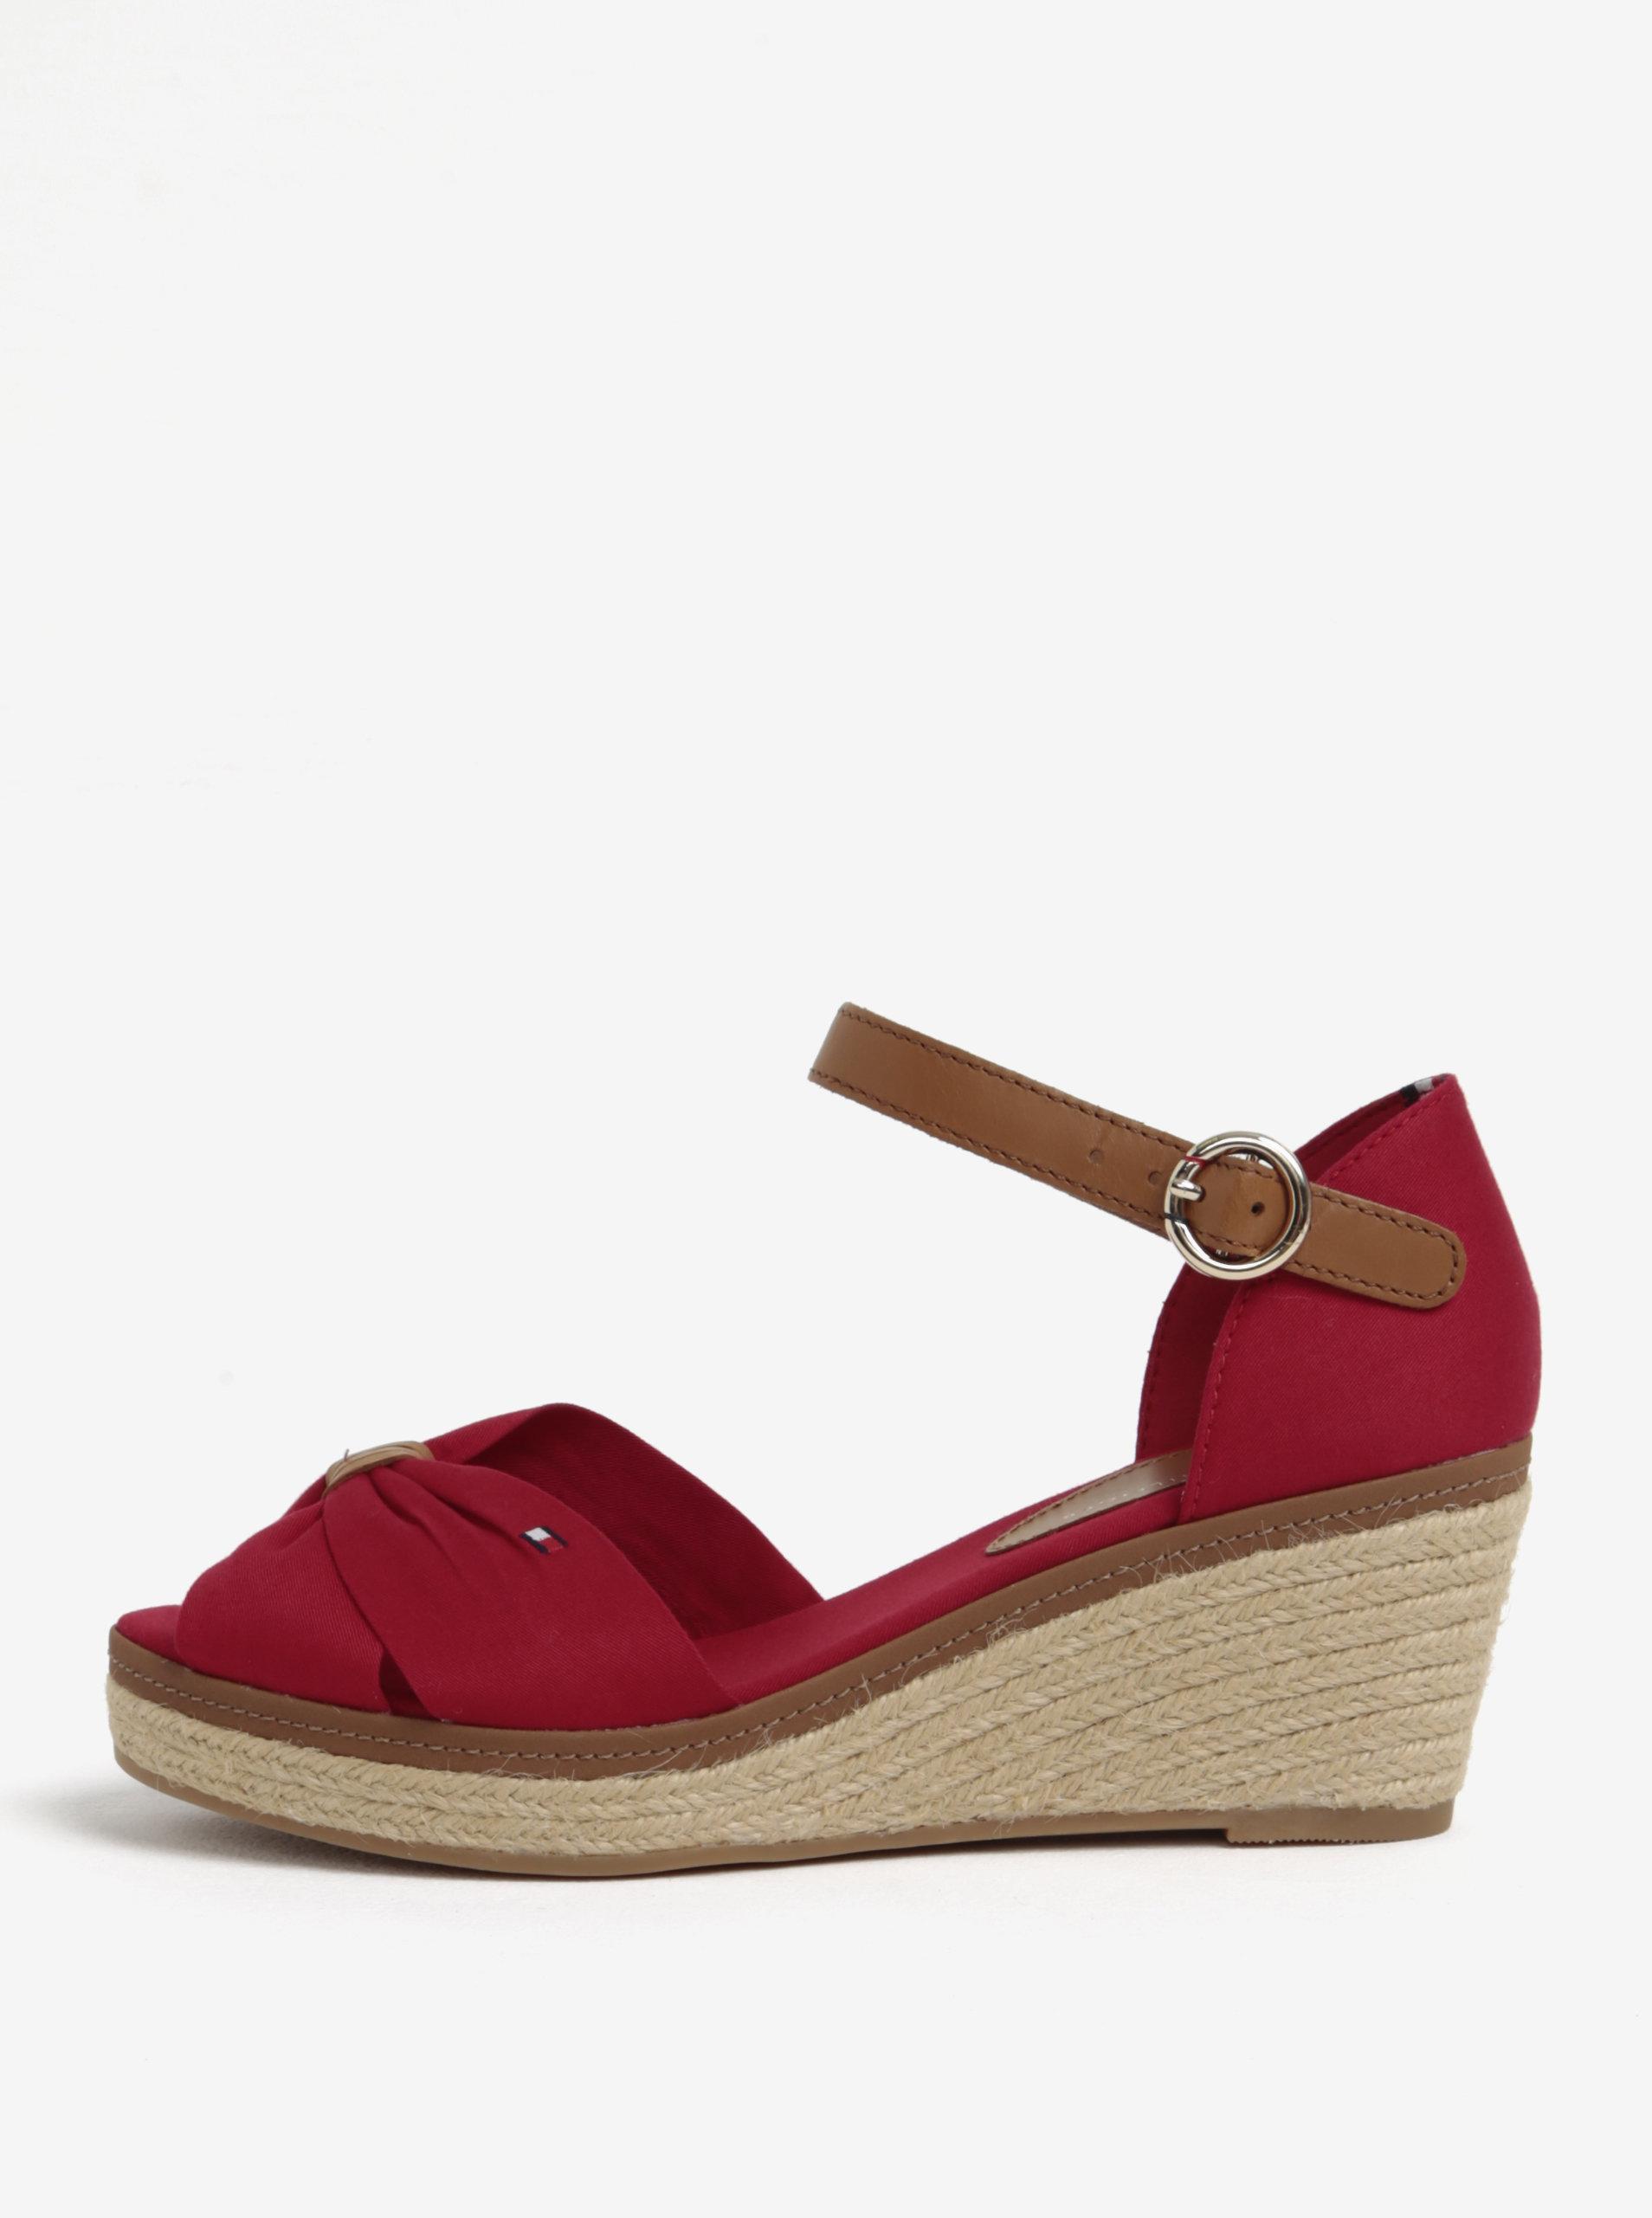 a70280922cfa Červené sandále na klinovom podpätku Tommy Hilfiger ...